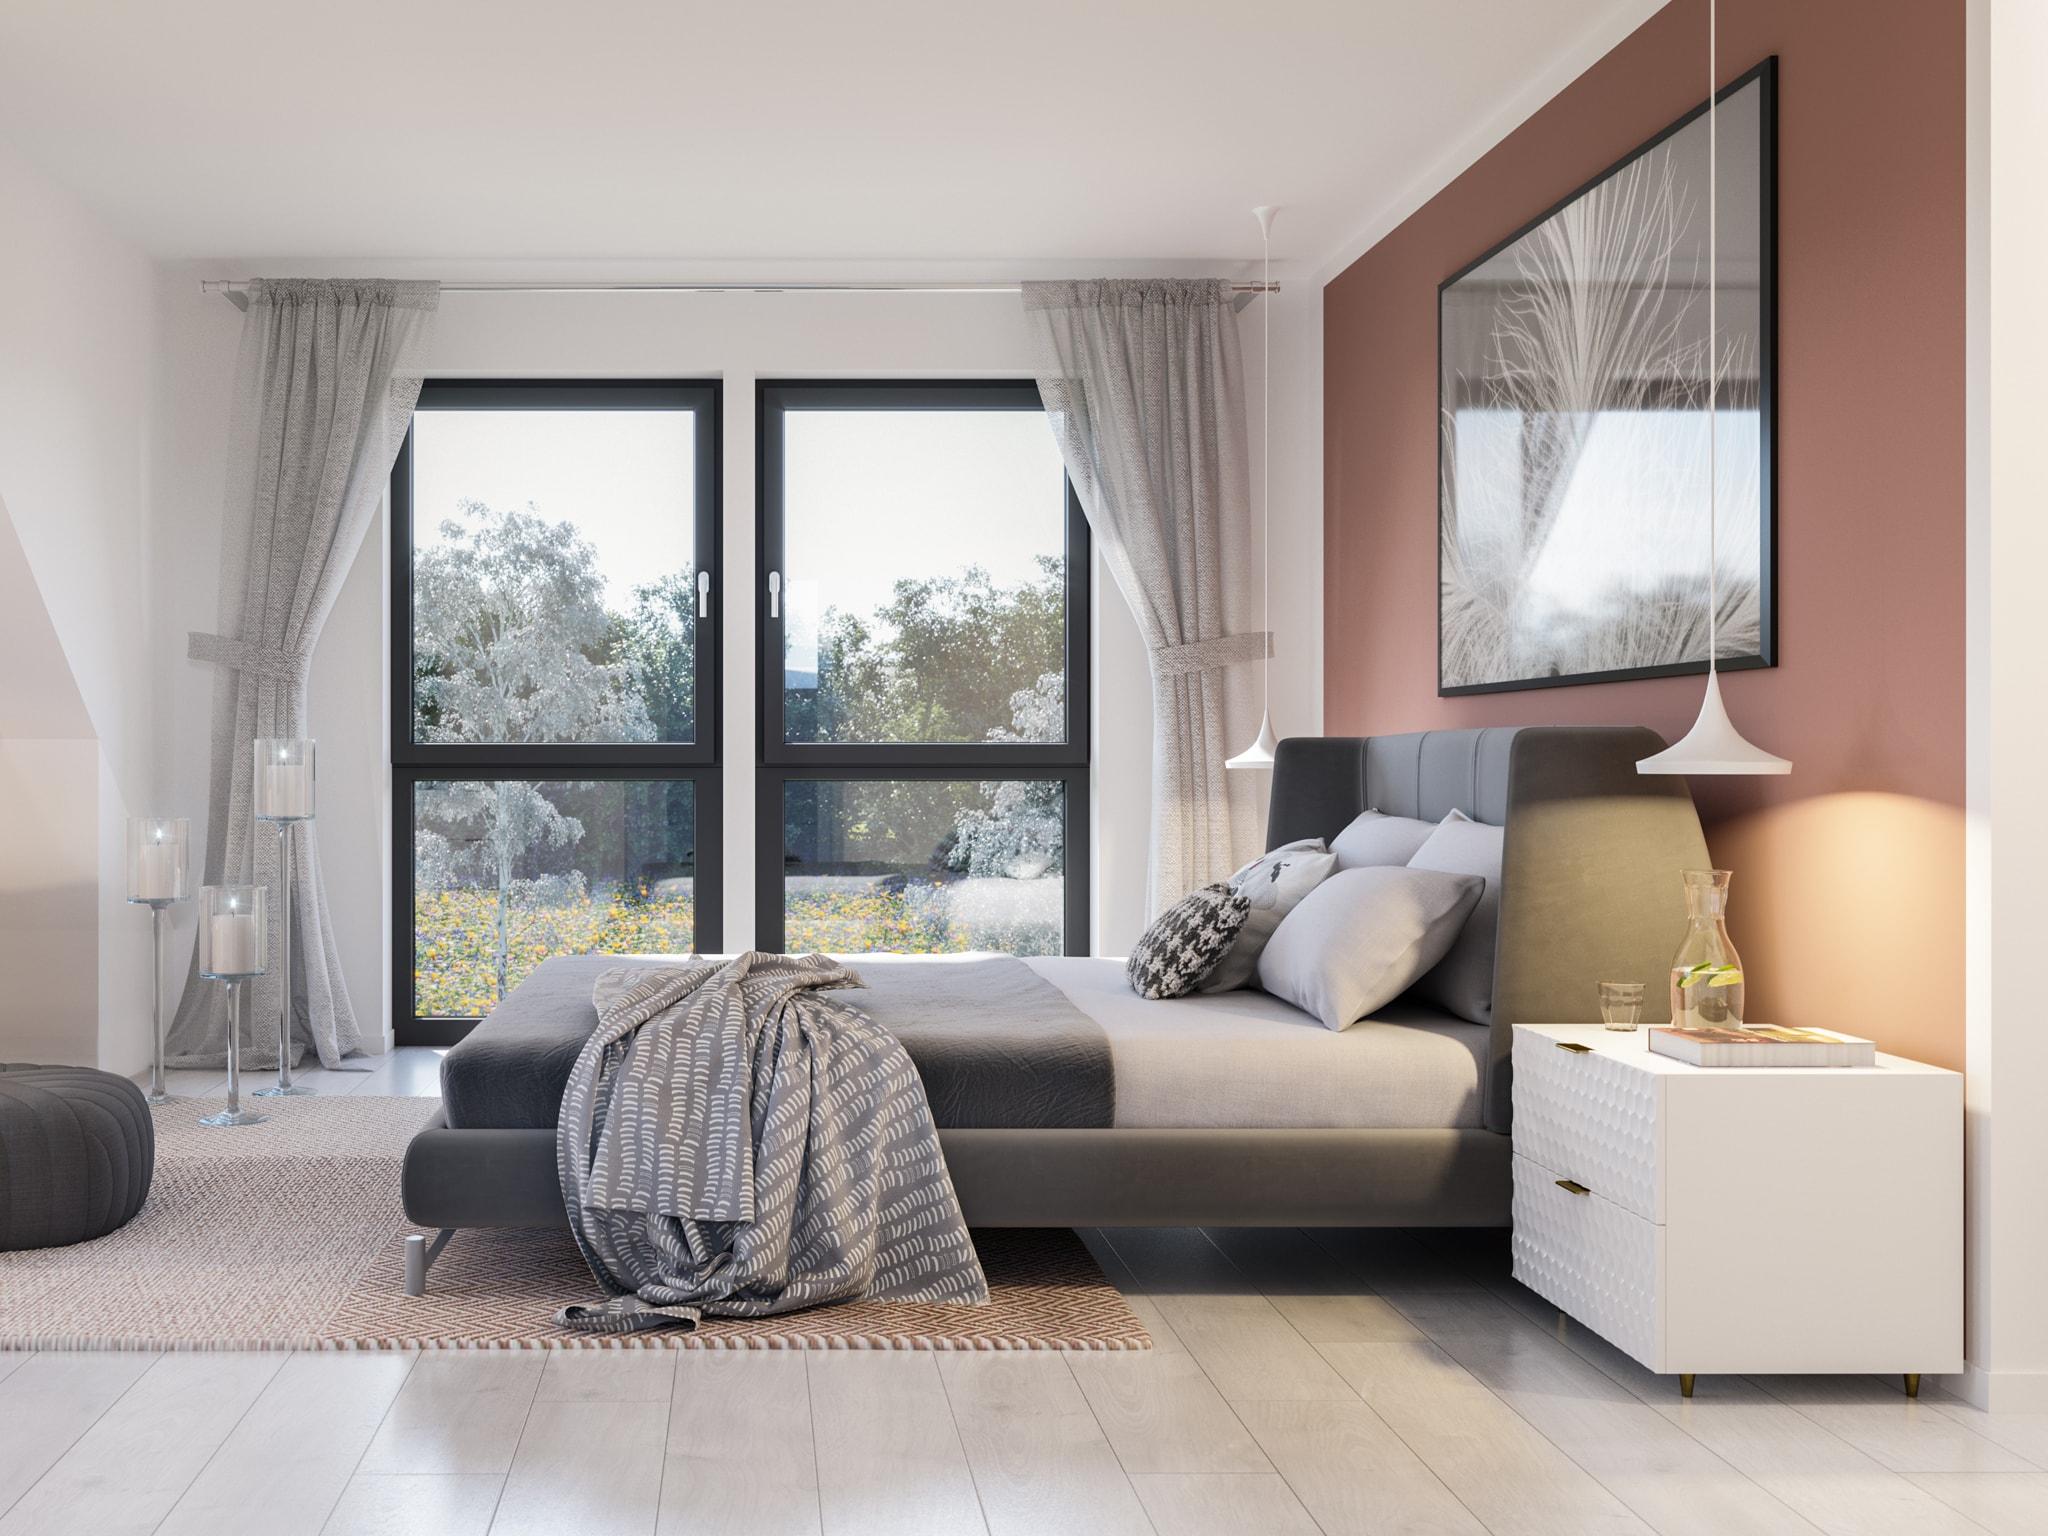 Schlafzimmer Ideen - Doppelhaus innen Fertighaus Bien Zenker CELEBRATION 139 V5 - HausbauDirekt.de